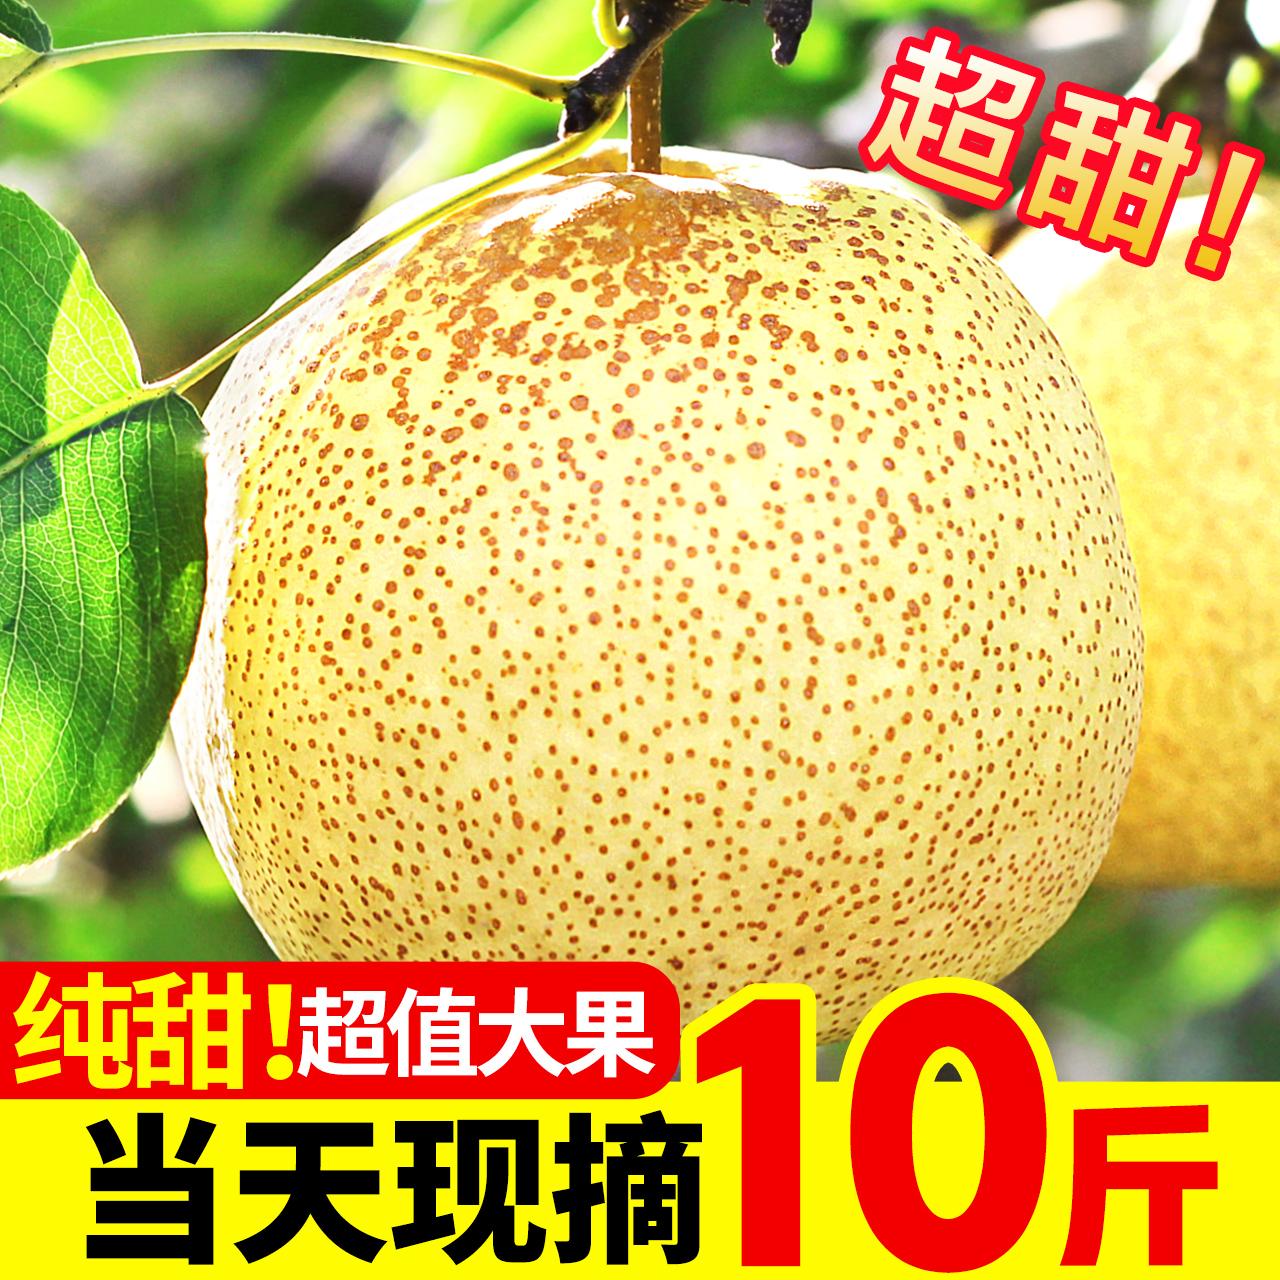 梨子新鲜10斤整箱砀山梨酥梨皇冠梨香雪梨应季水果当季带鸭梨贡梨